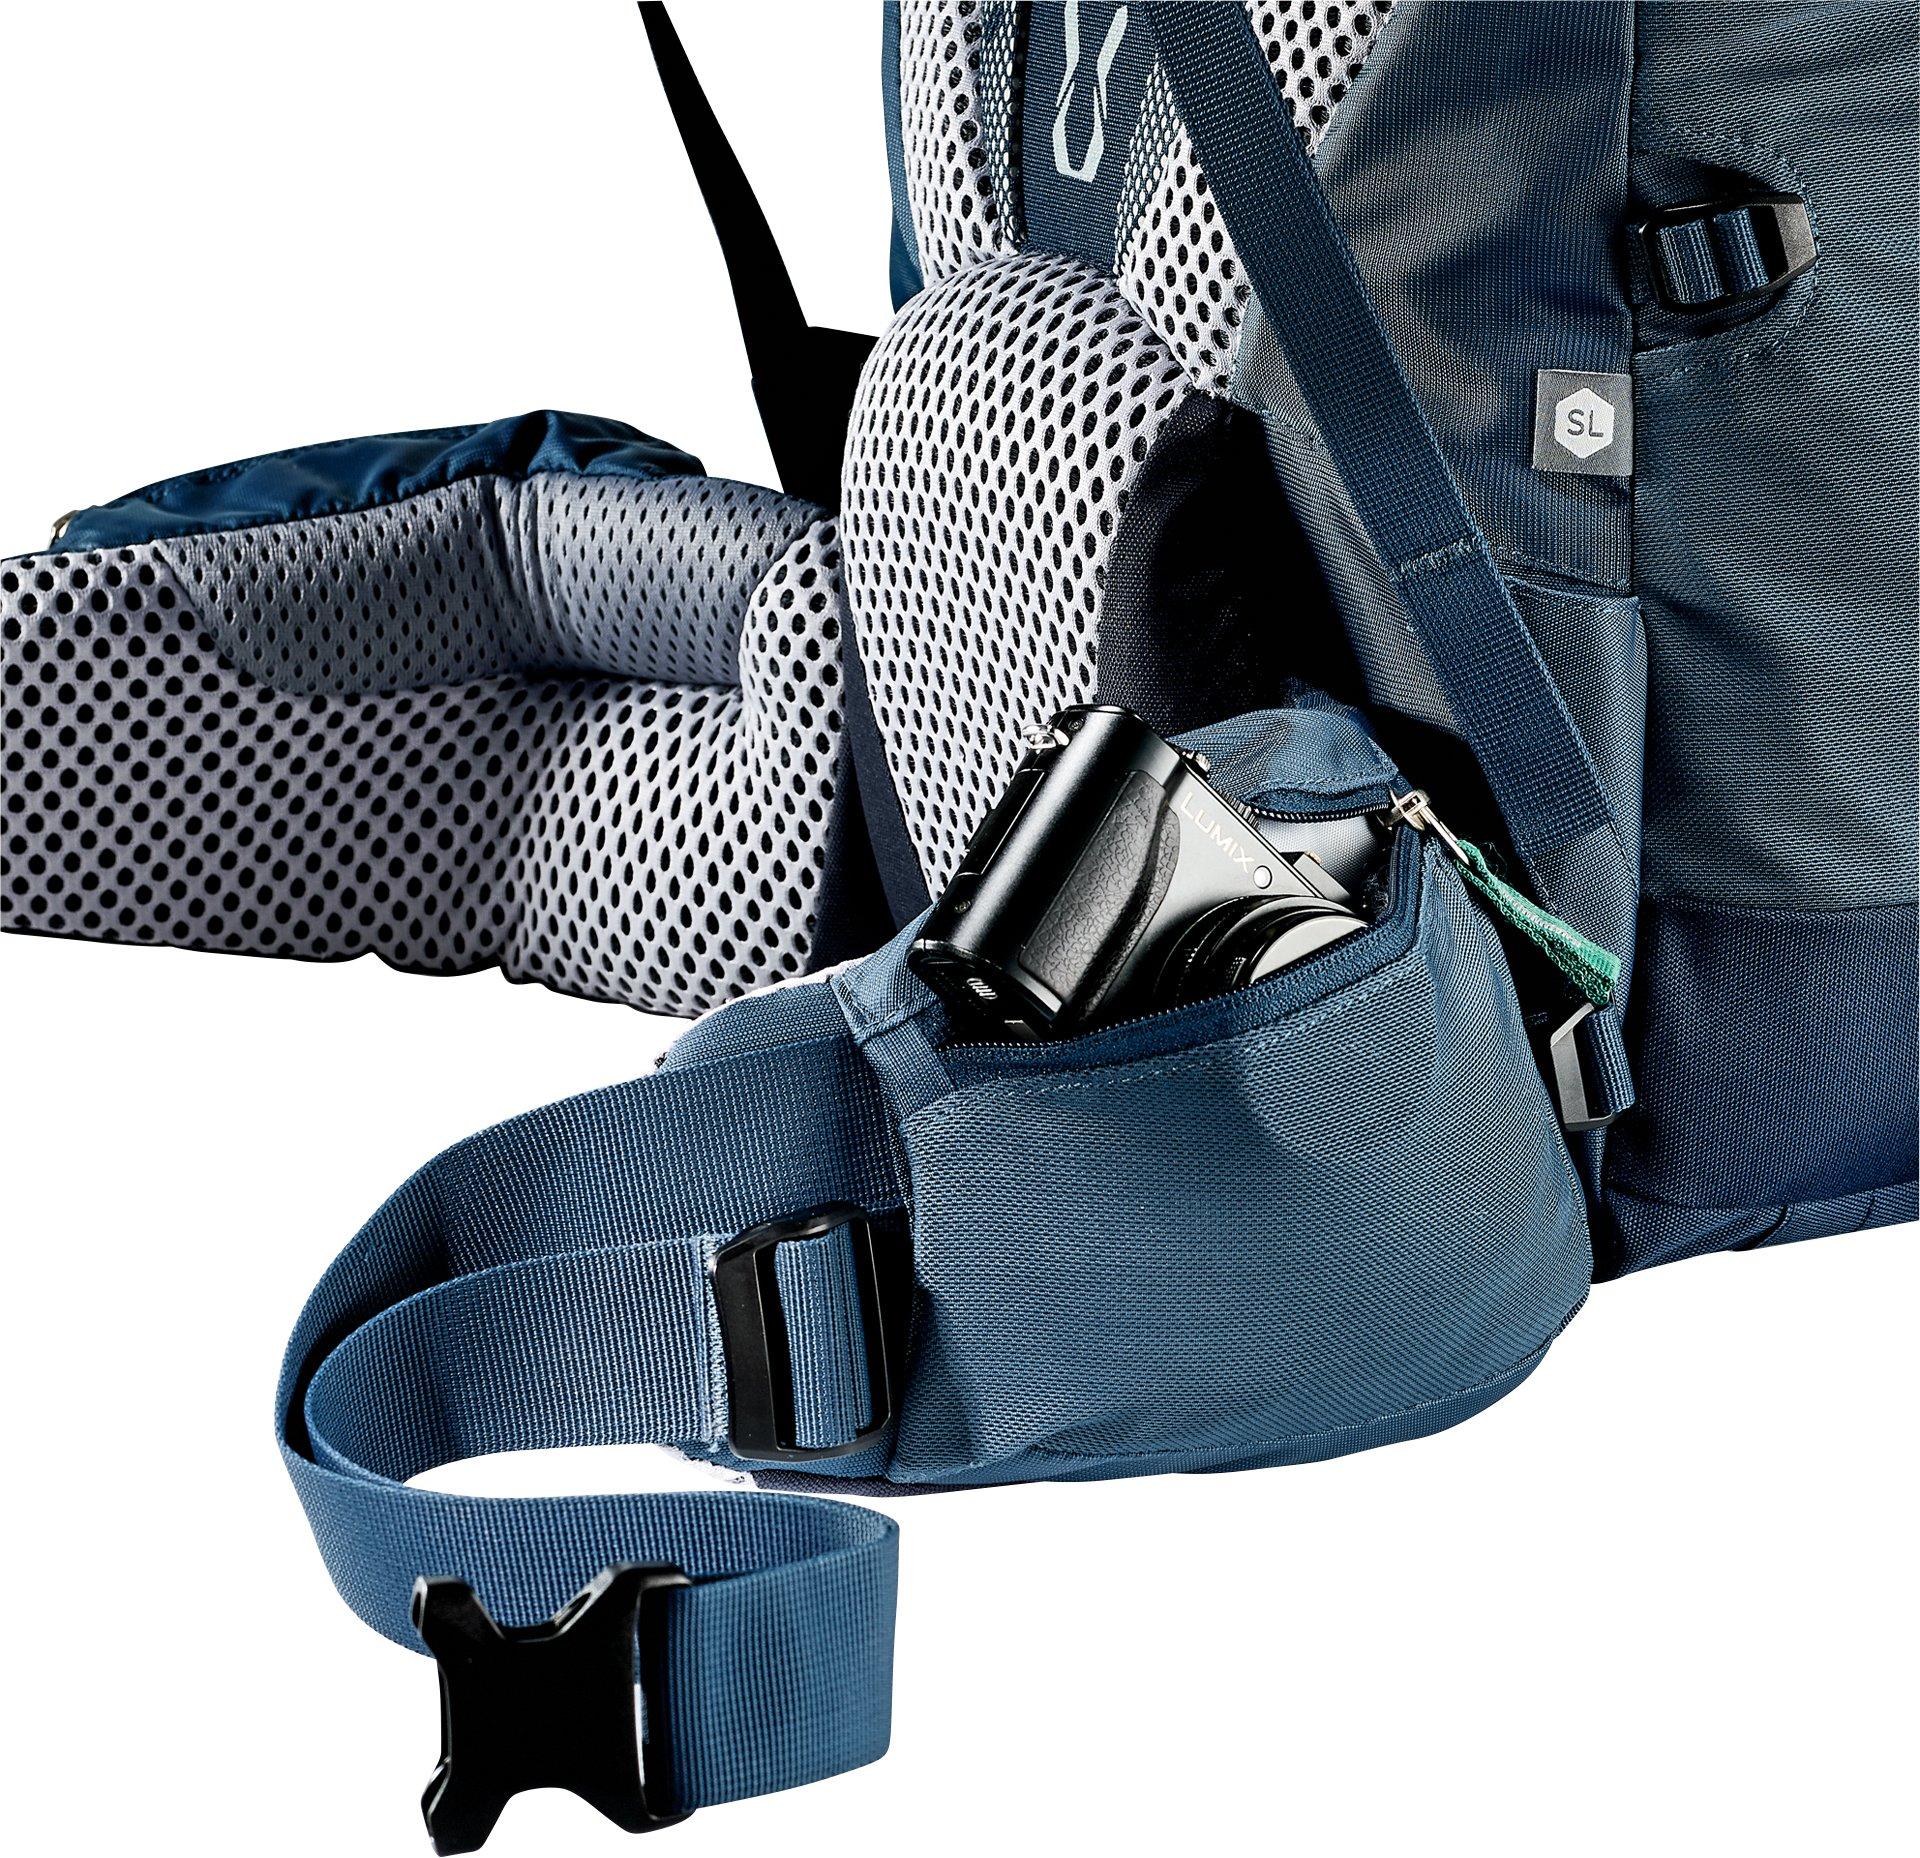 Deuter - Aircontact 60 + 10 SL, Trekkingrucksack für Frauen